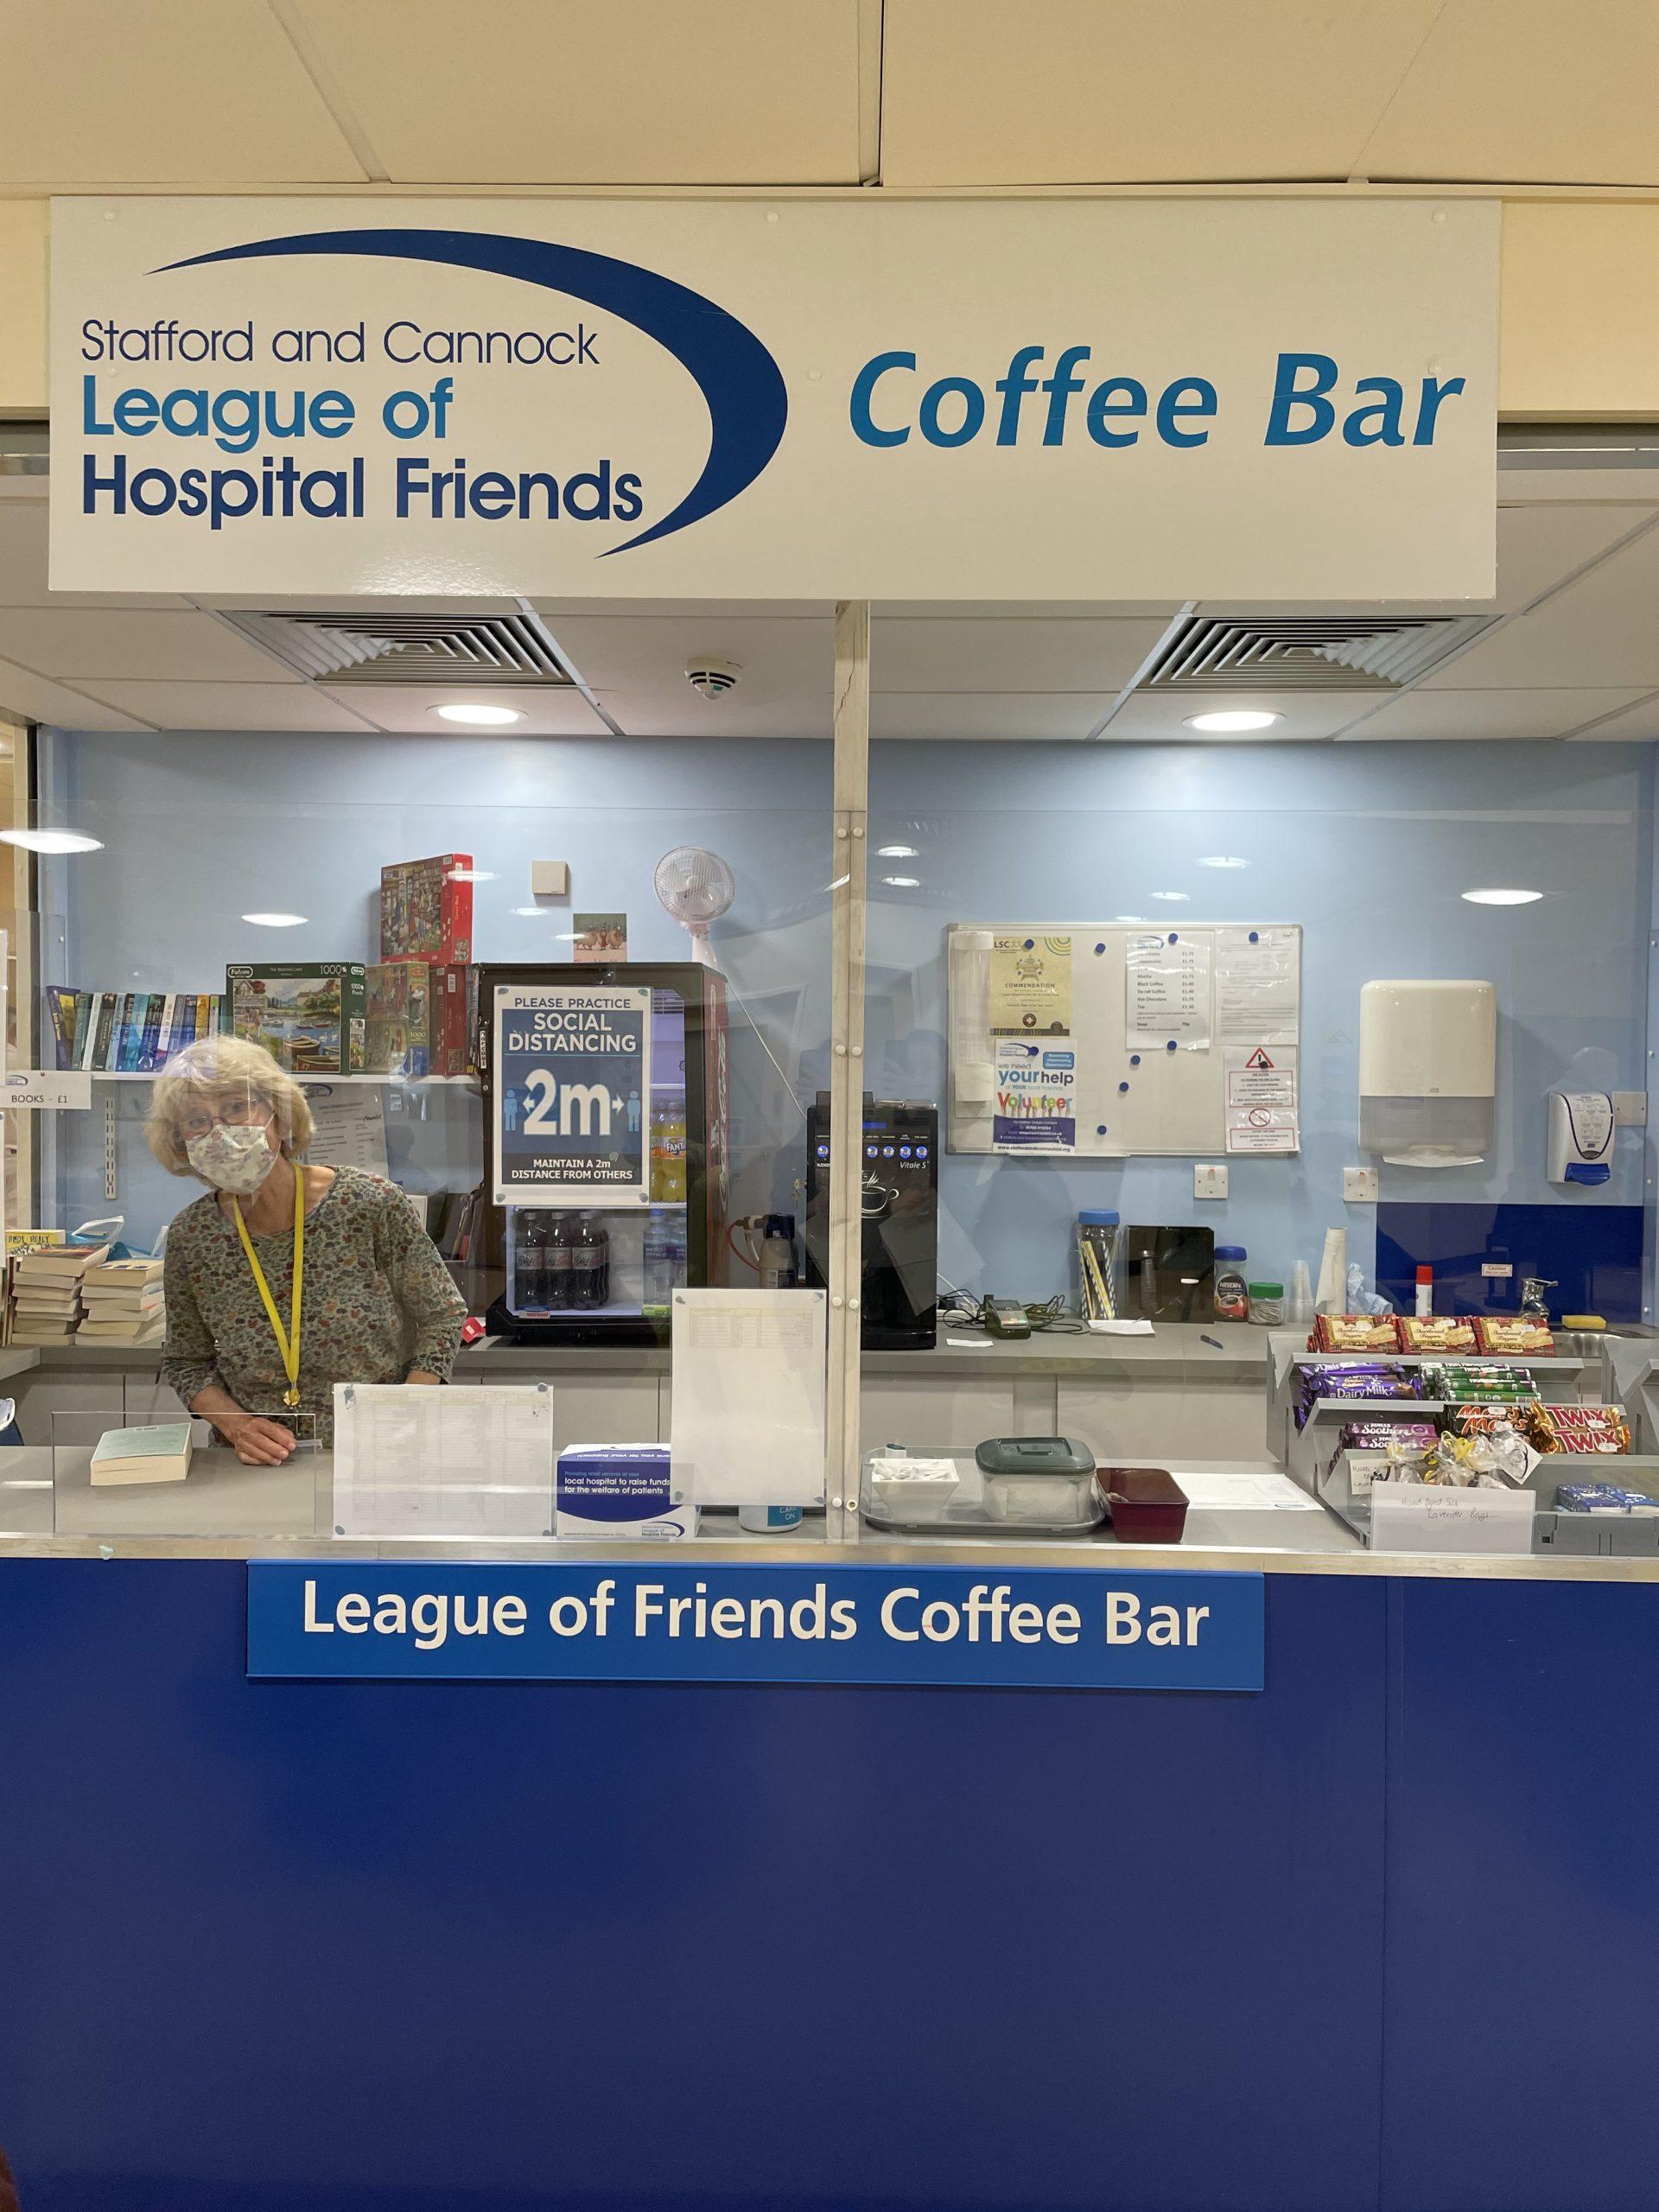 County Coffee Bar and St George's Coffee Bar